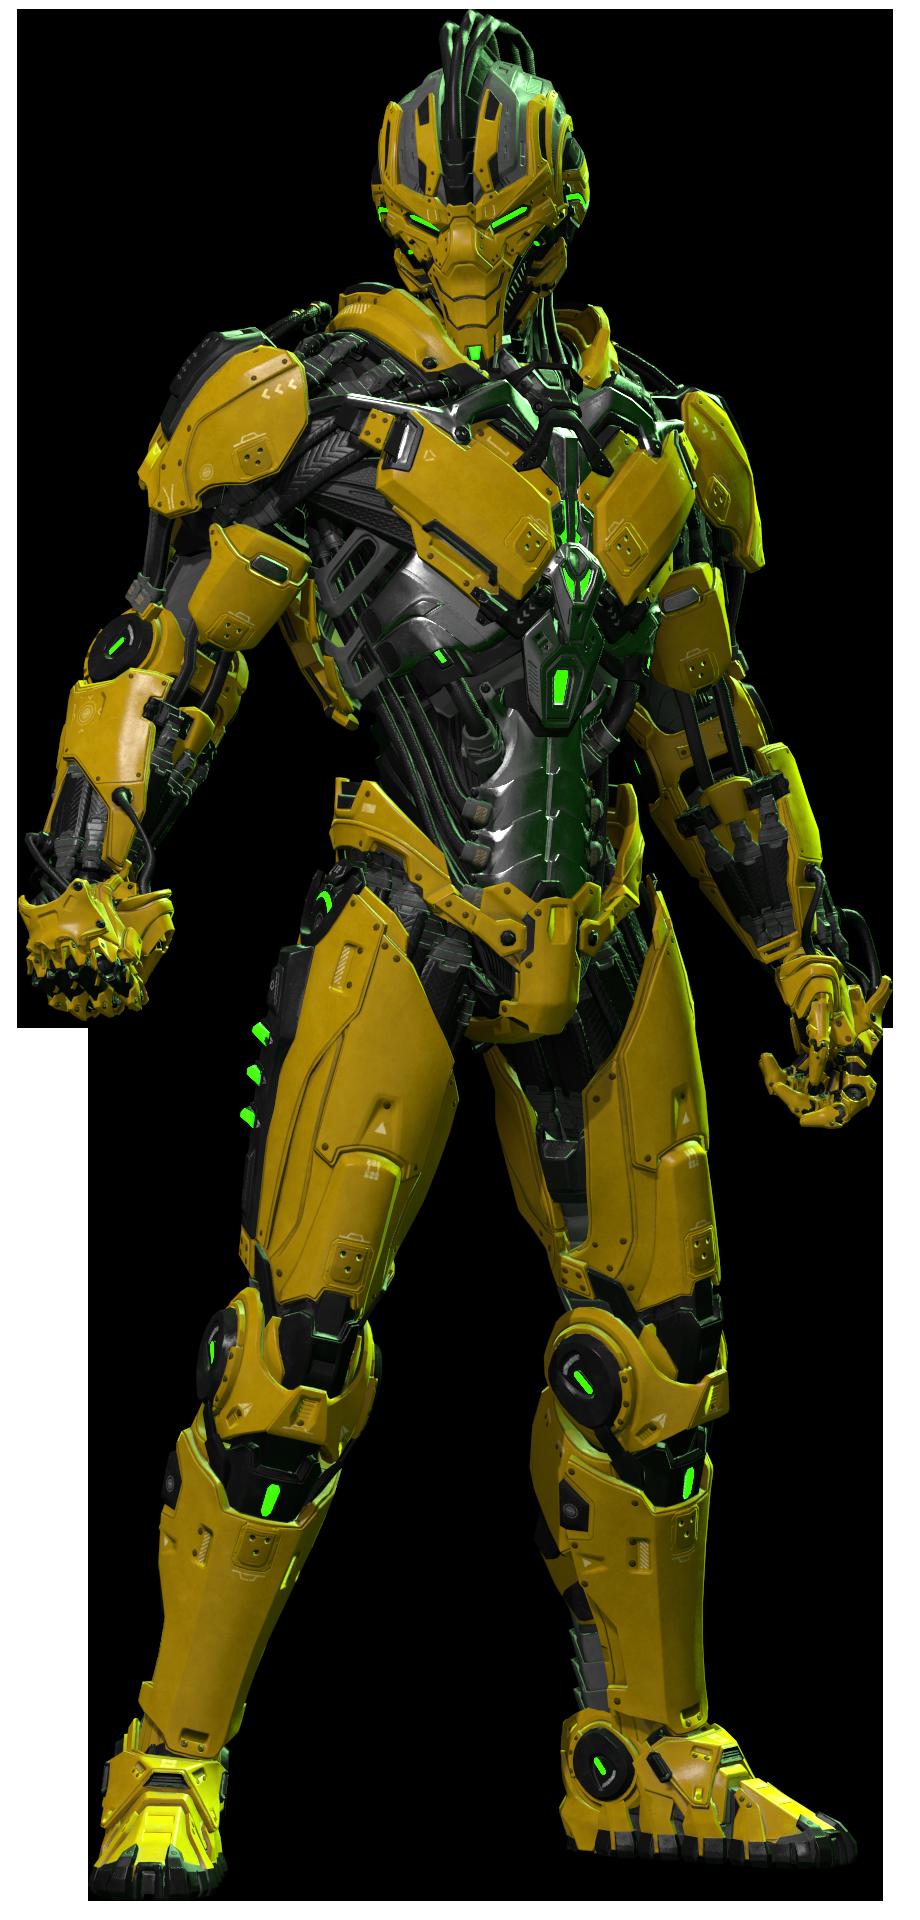 Cyrax | Mortal Kombat Wiki | FANDOM powered by Wikia